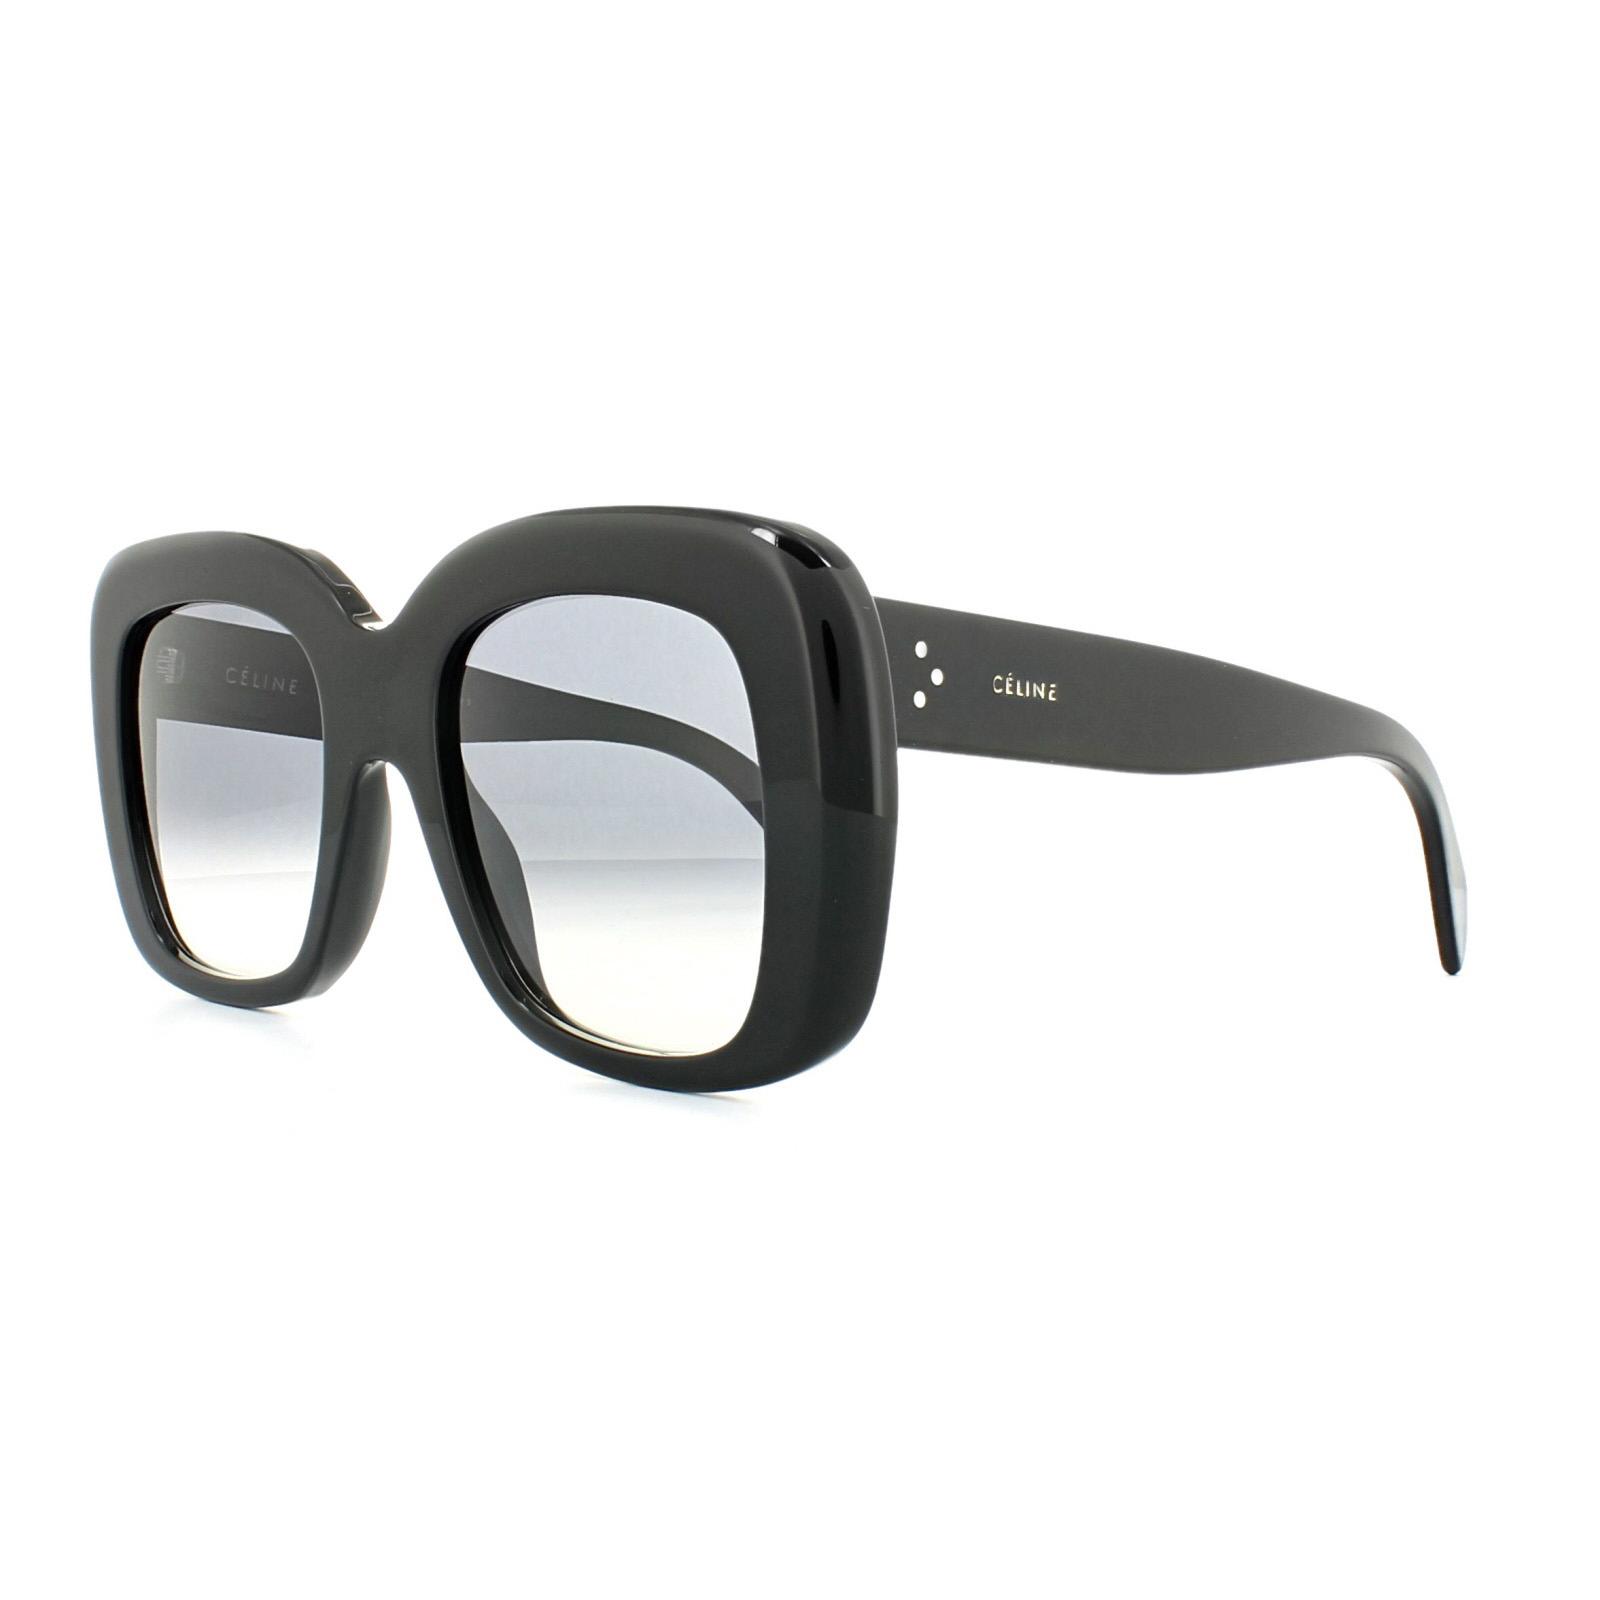 e17be2ad38 Sentinel Celine Sunglasses 41433 S Stella 807 W2 Black Dark Grey Gradient